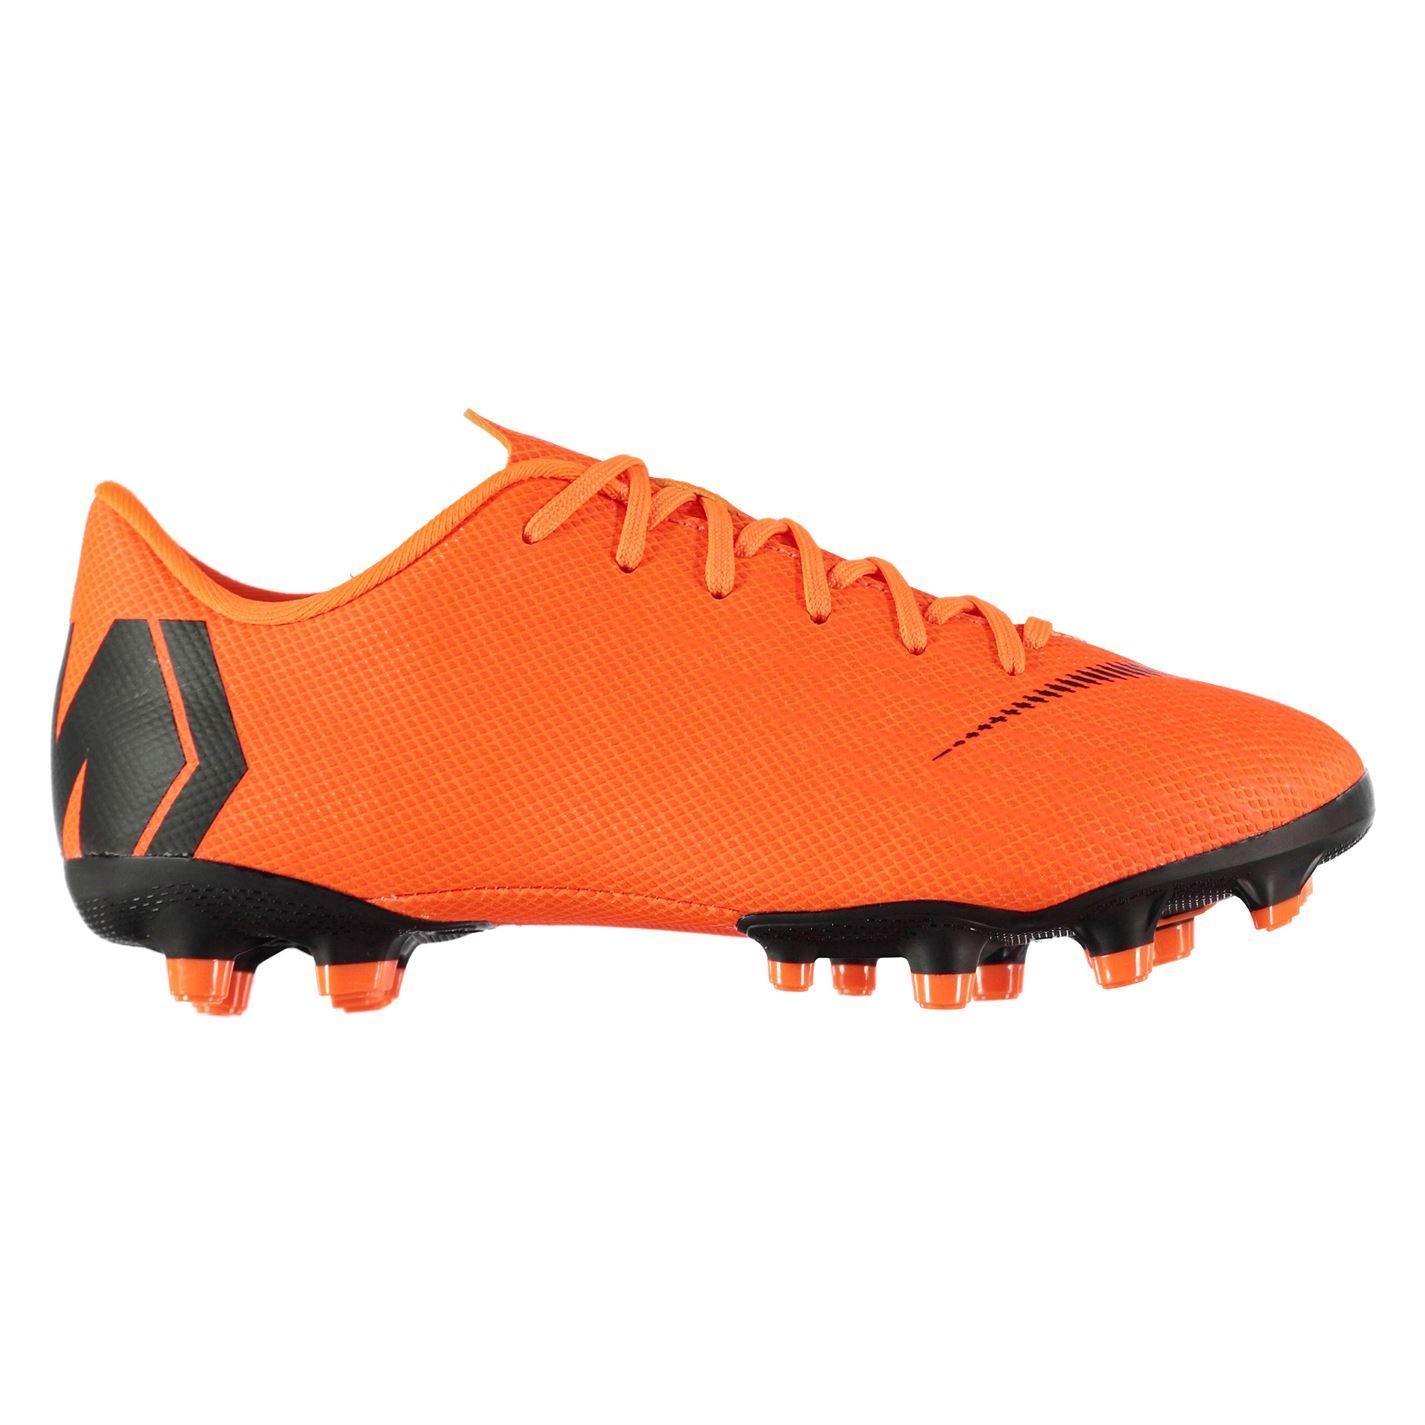 63b3b0995e2e4 Details about Nike Mercurial Vapor Academy FG Firm Ground Football Boots  Juniors Soccer Cleats